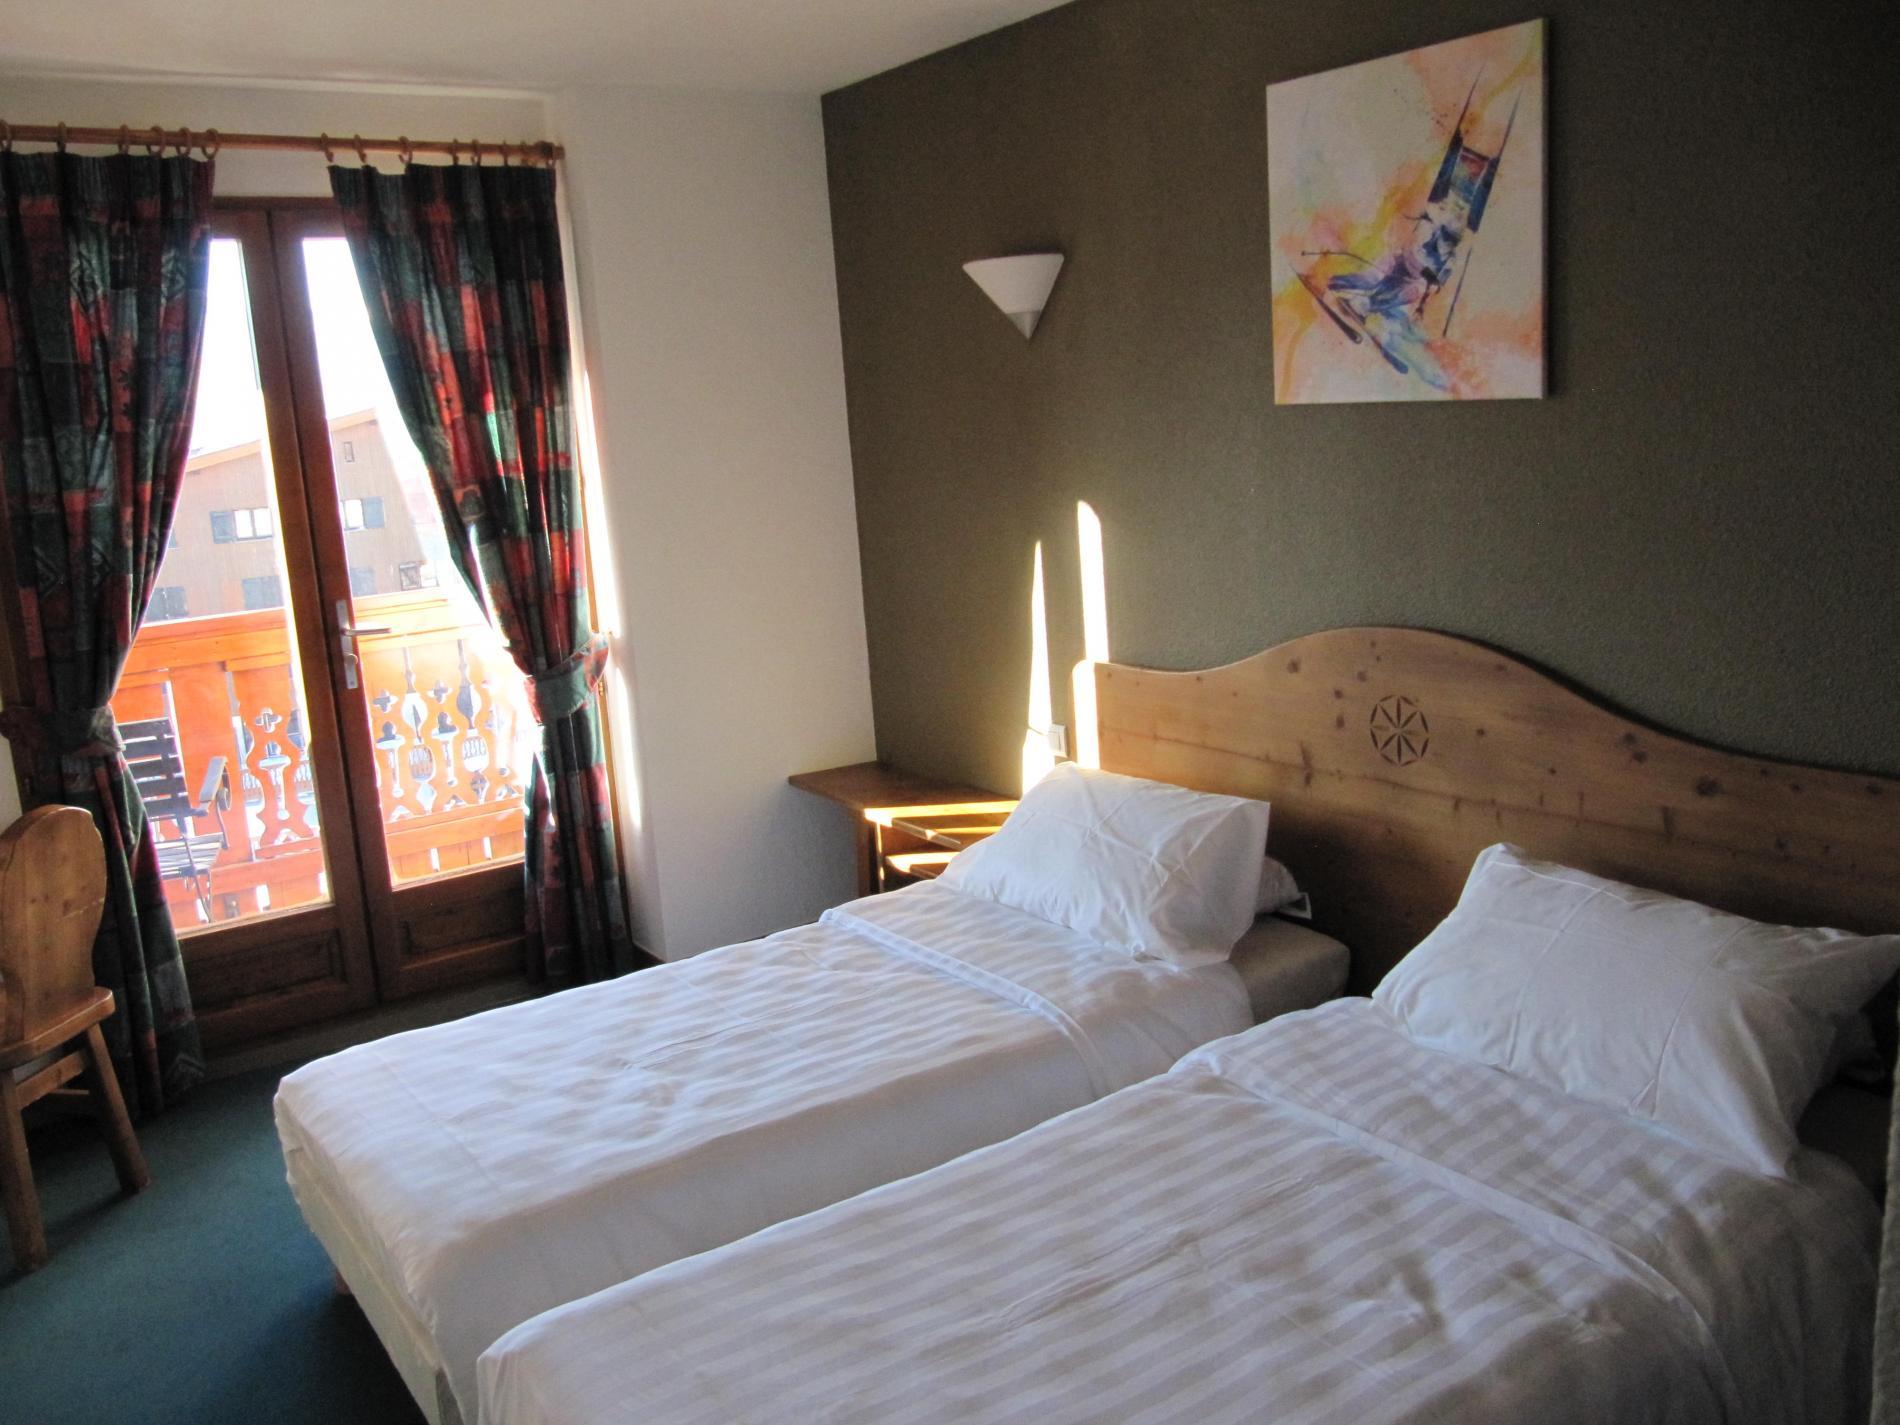 Chambres hotel alpe d huez sur pistes de ski - Chambre d hote alpes d huez ...